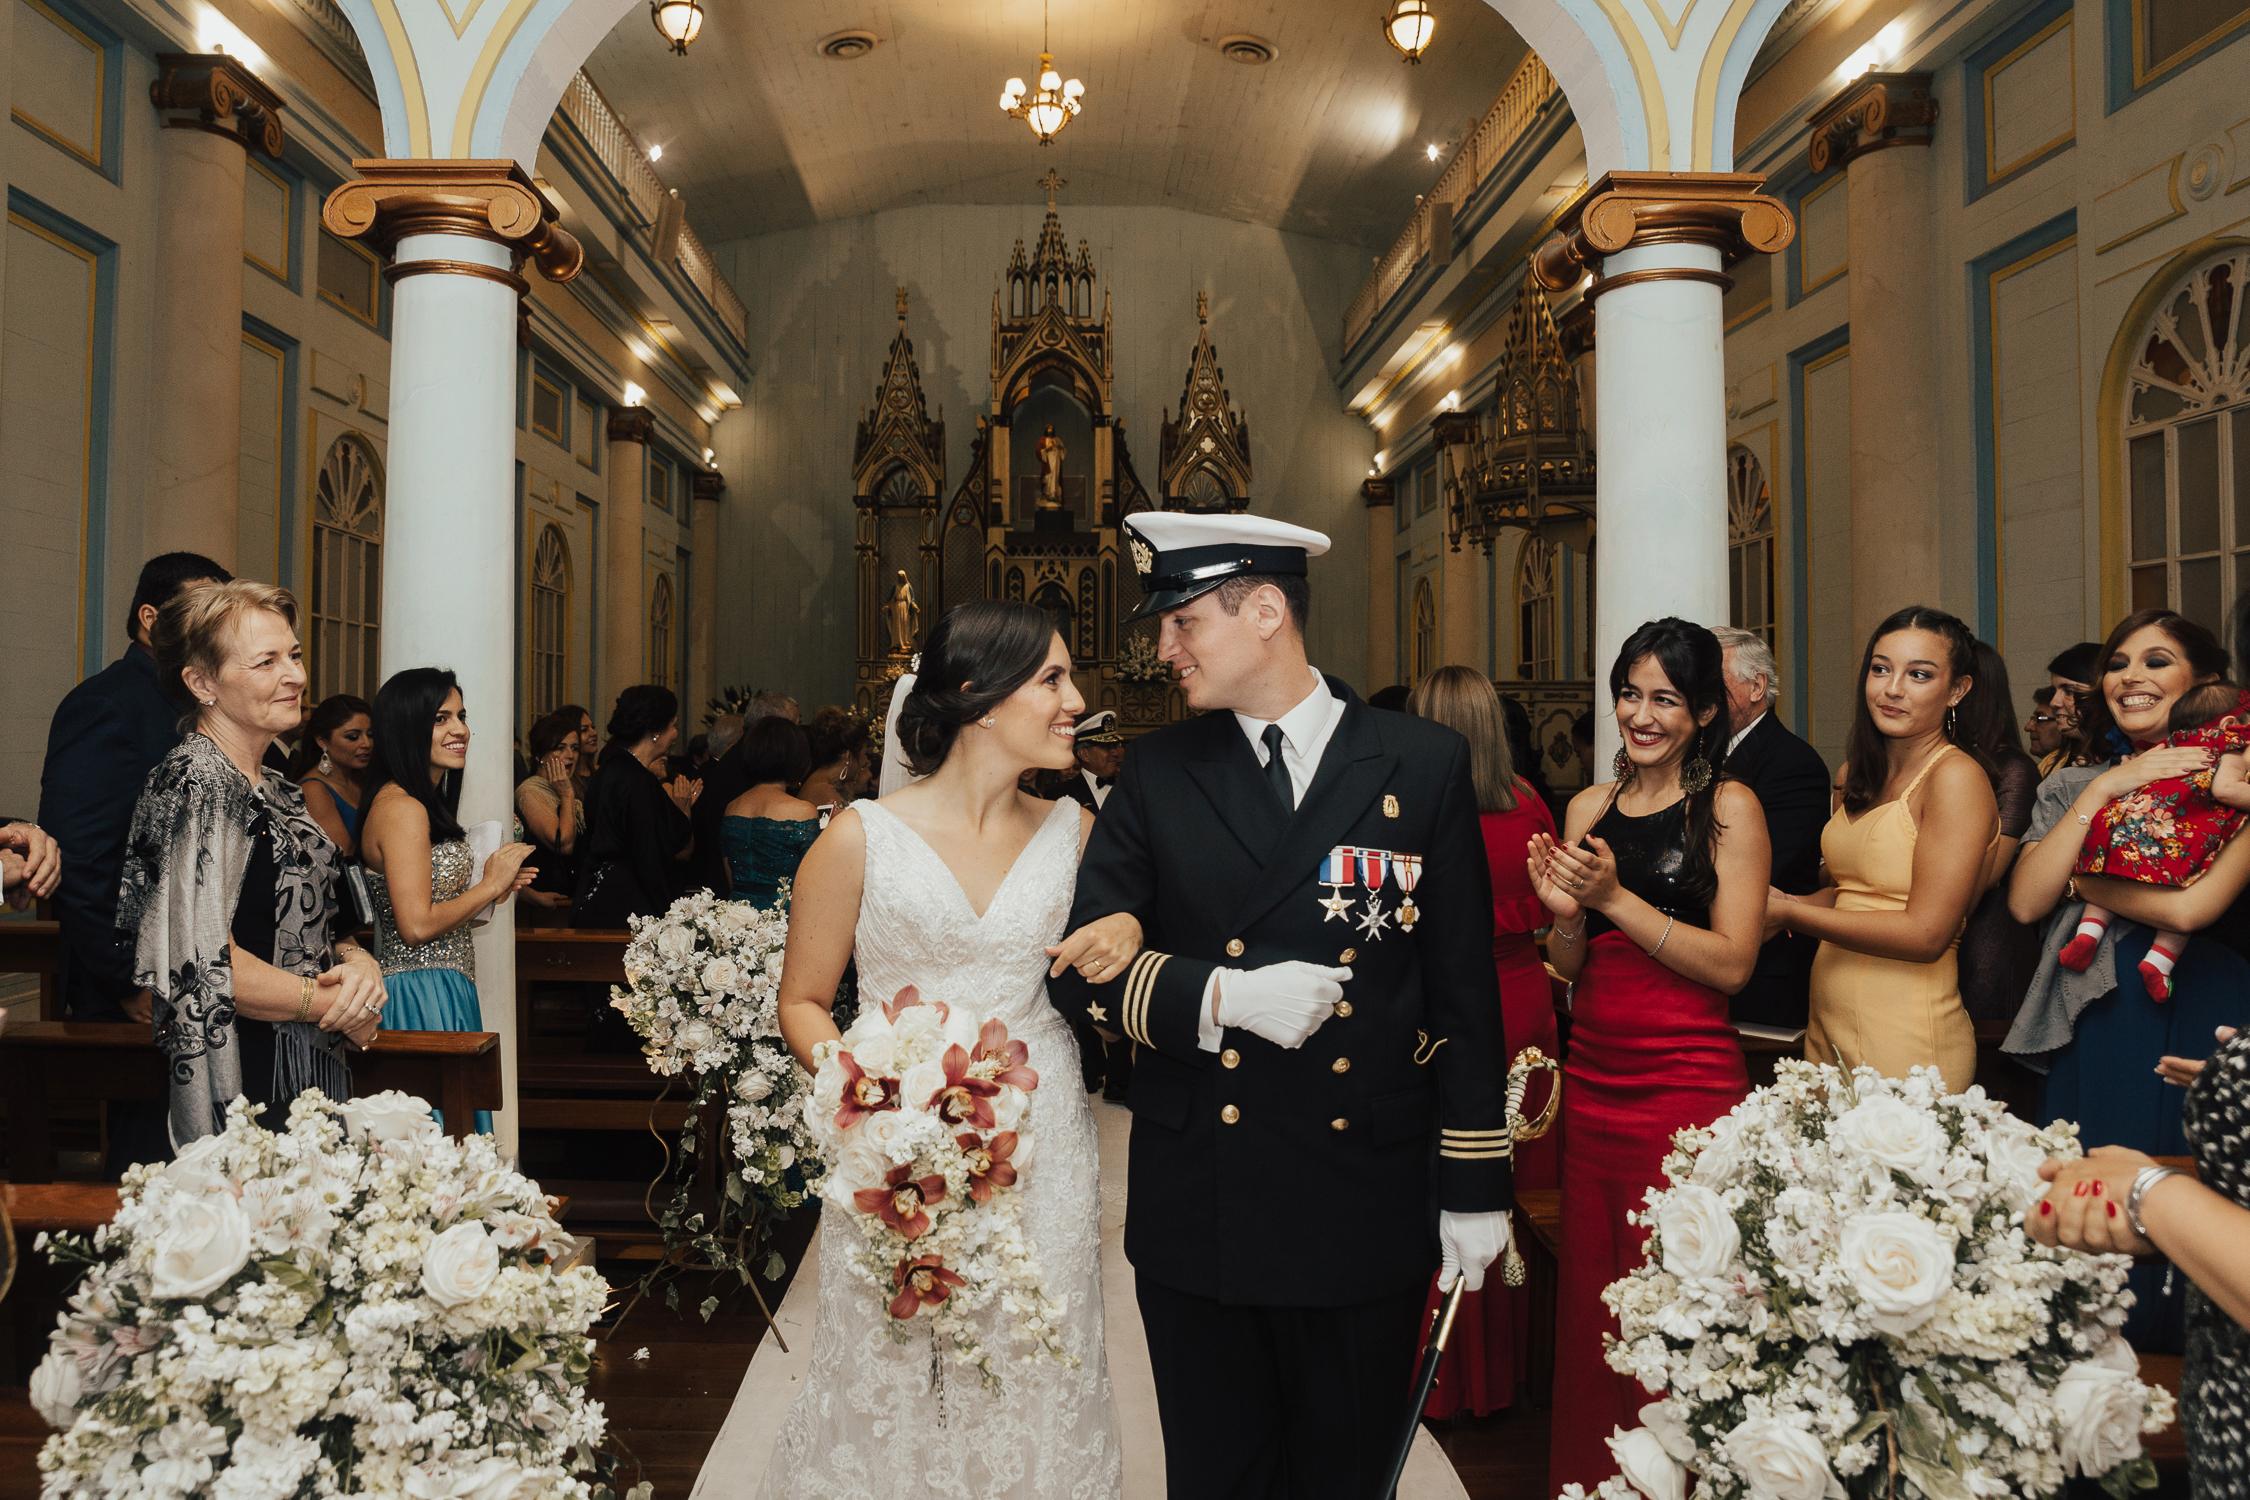 Michelle-Agurto-Fotografia-Bodas-Ecuador-Destination-Wedding-Photographer-Ecuador-Mercedes-Alvaro-107.JPG